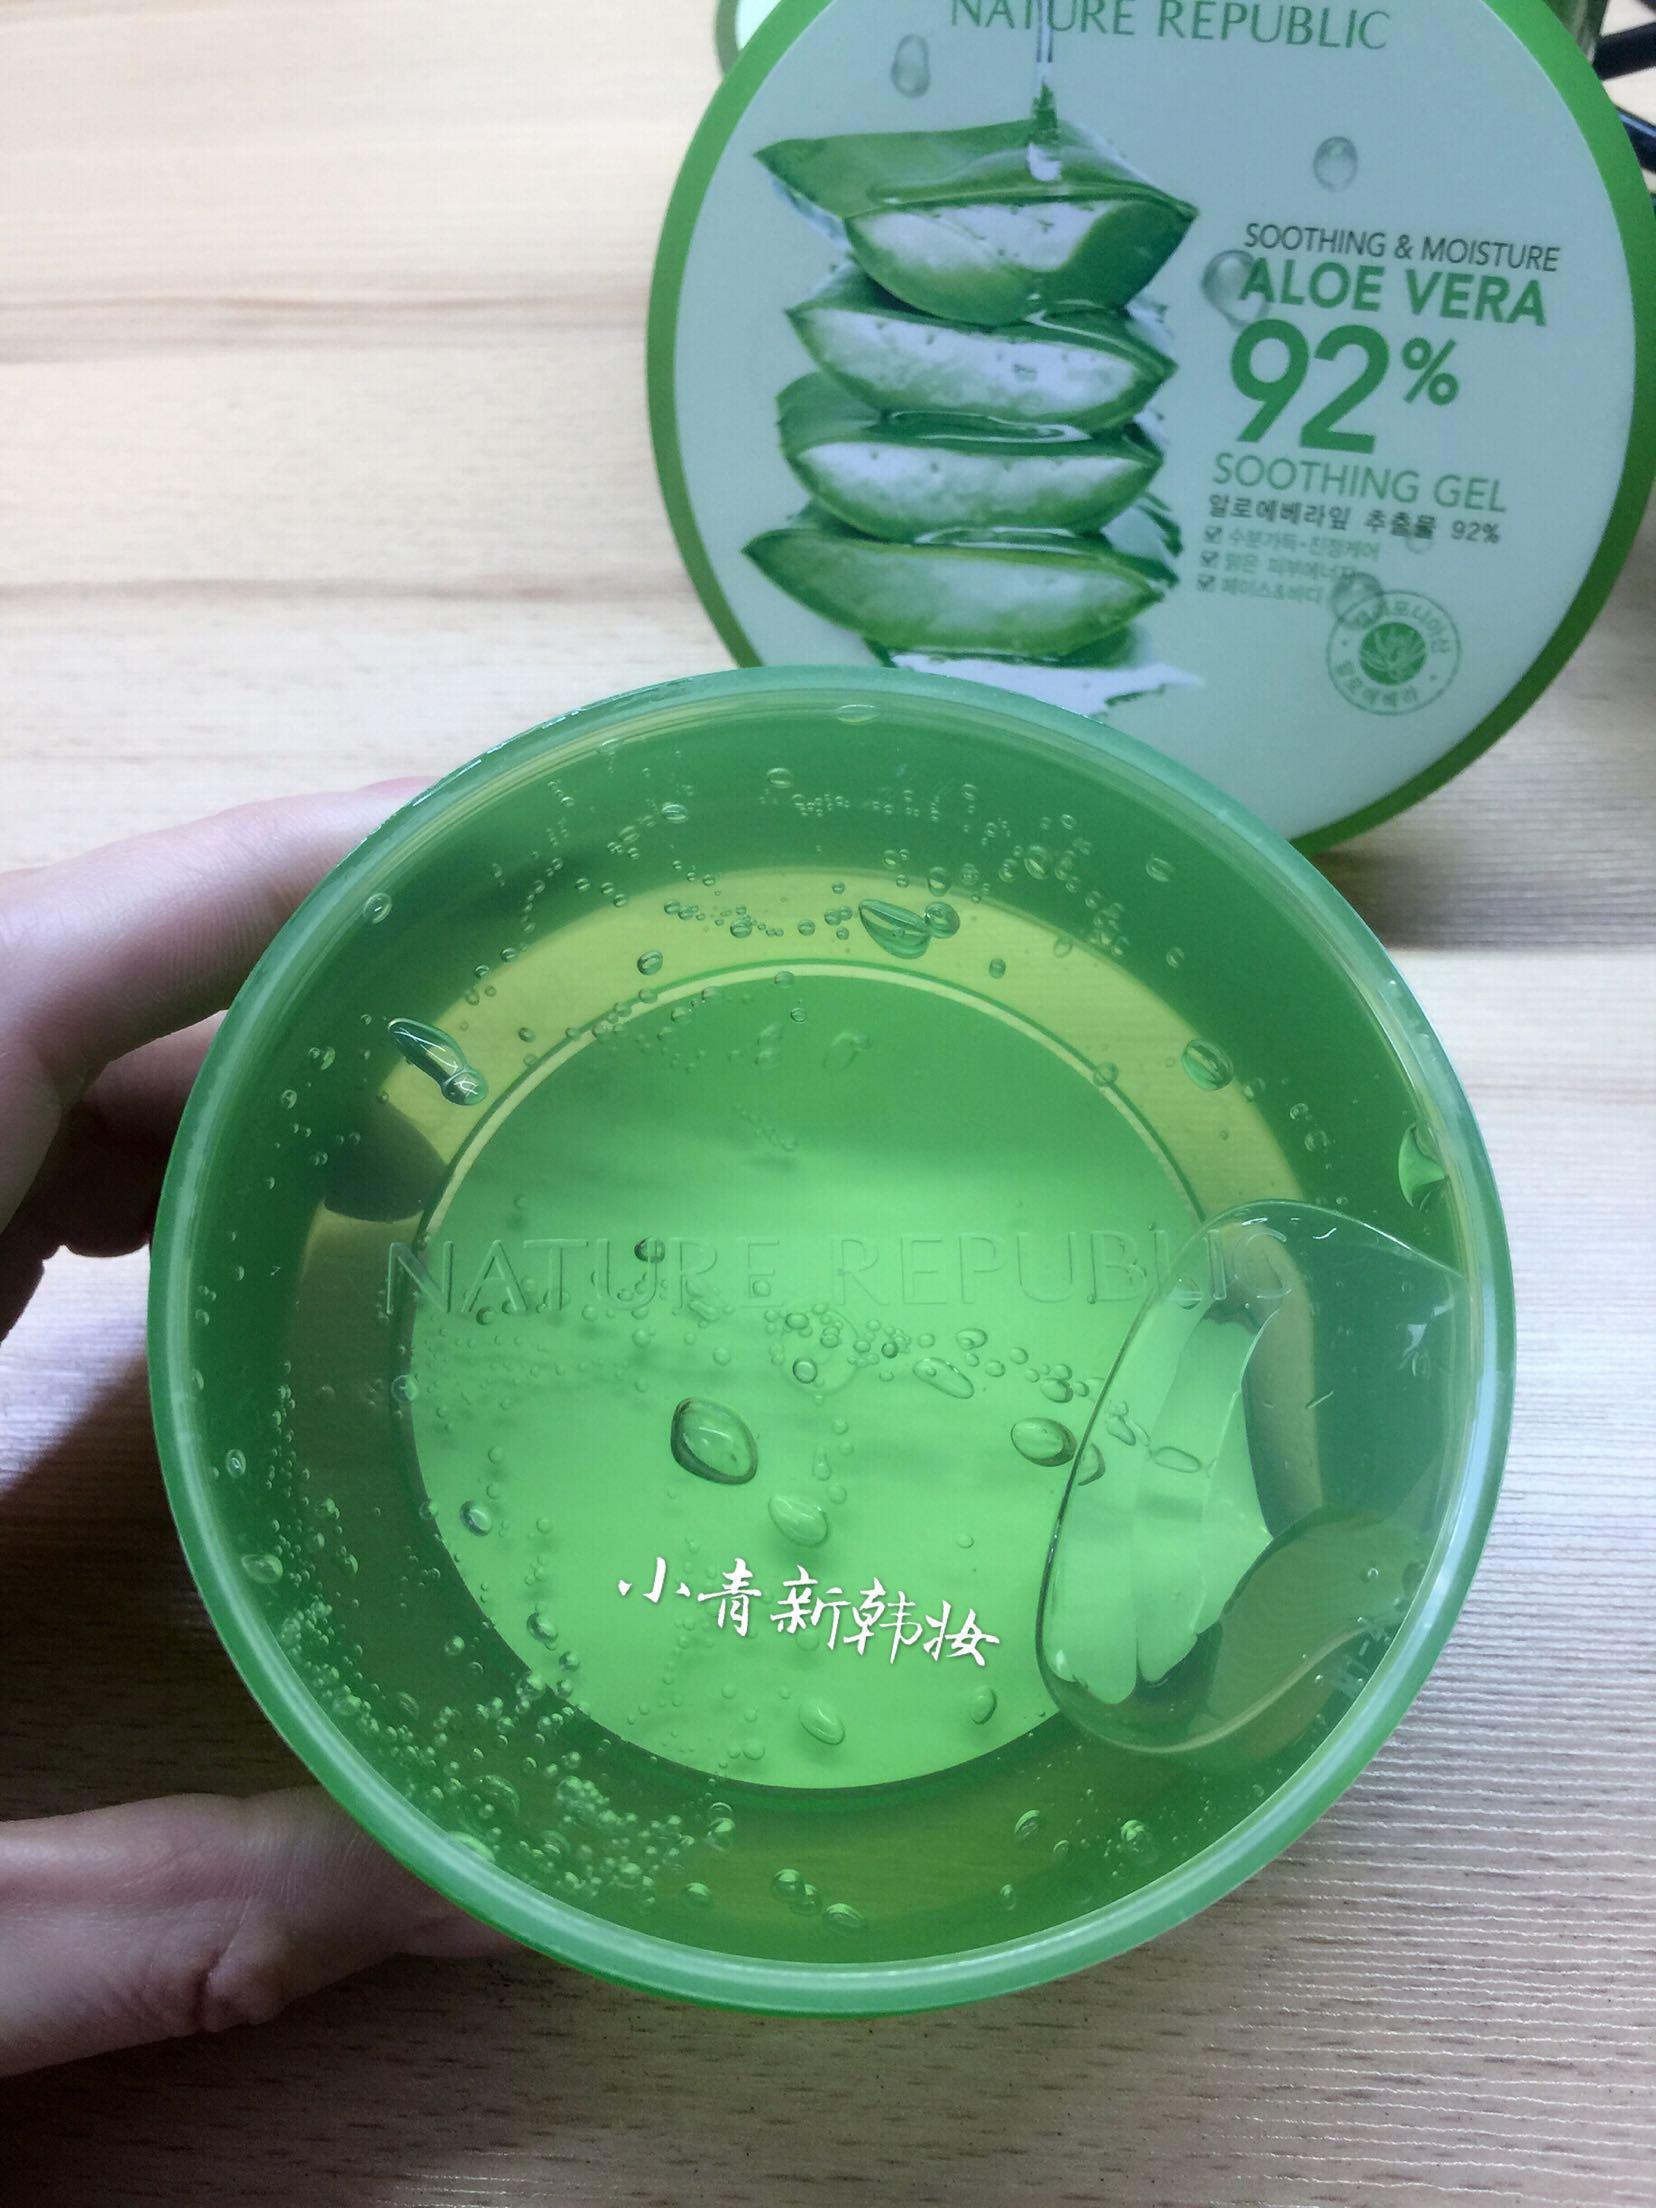 Südkorea echte aloe vera gel ein natürliches Paradies akne feuchtigkeit zu akne - creme - maske gedruckt, 300 ml